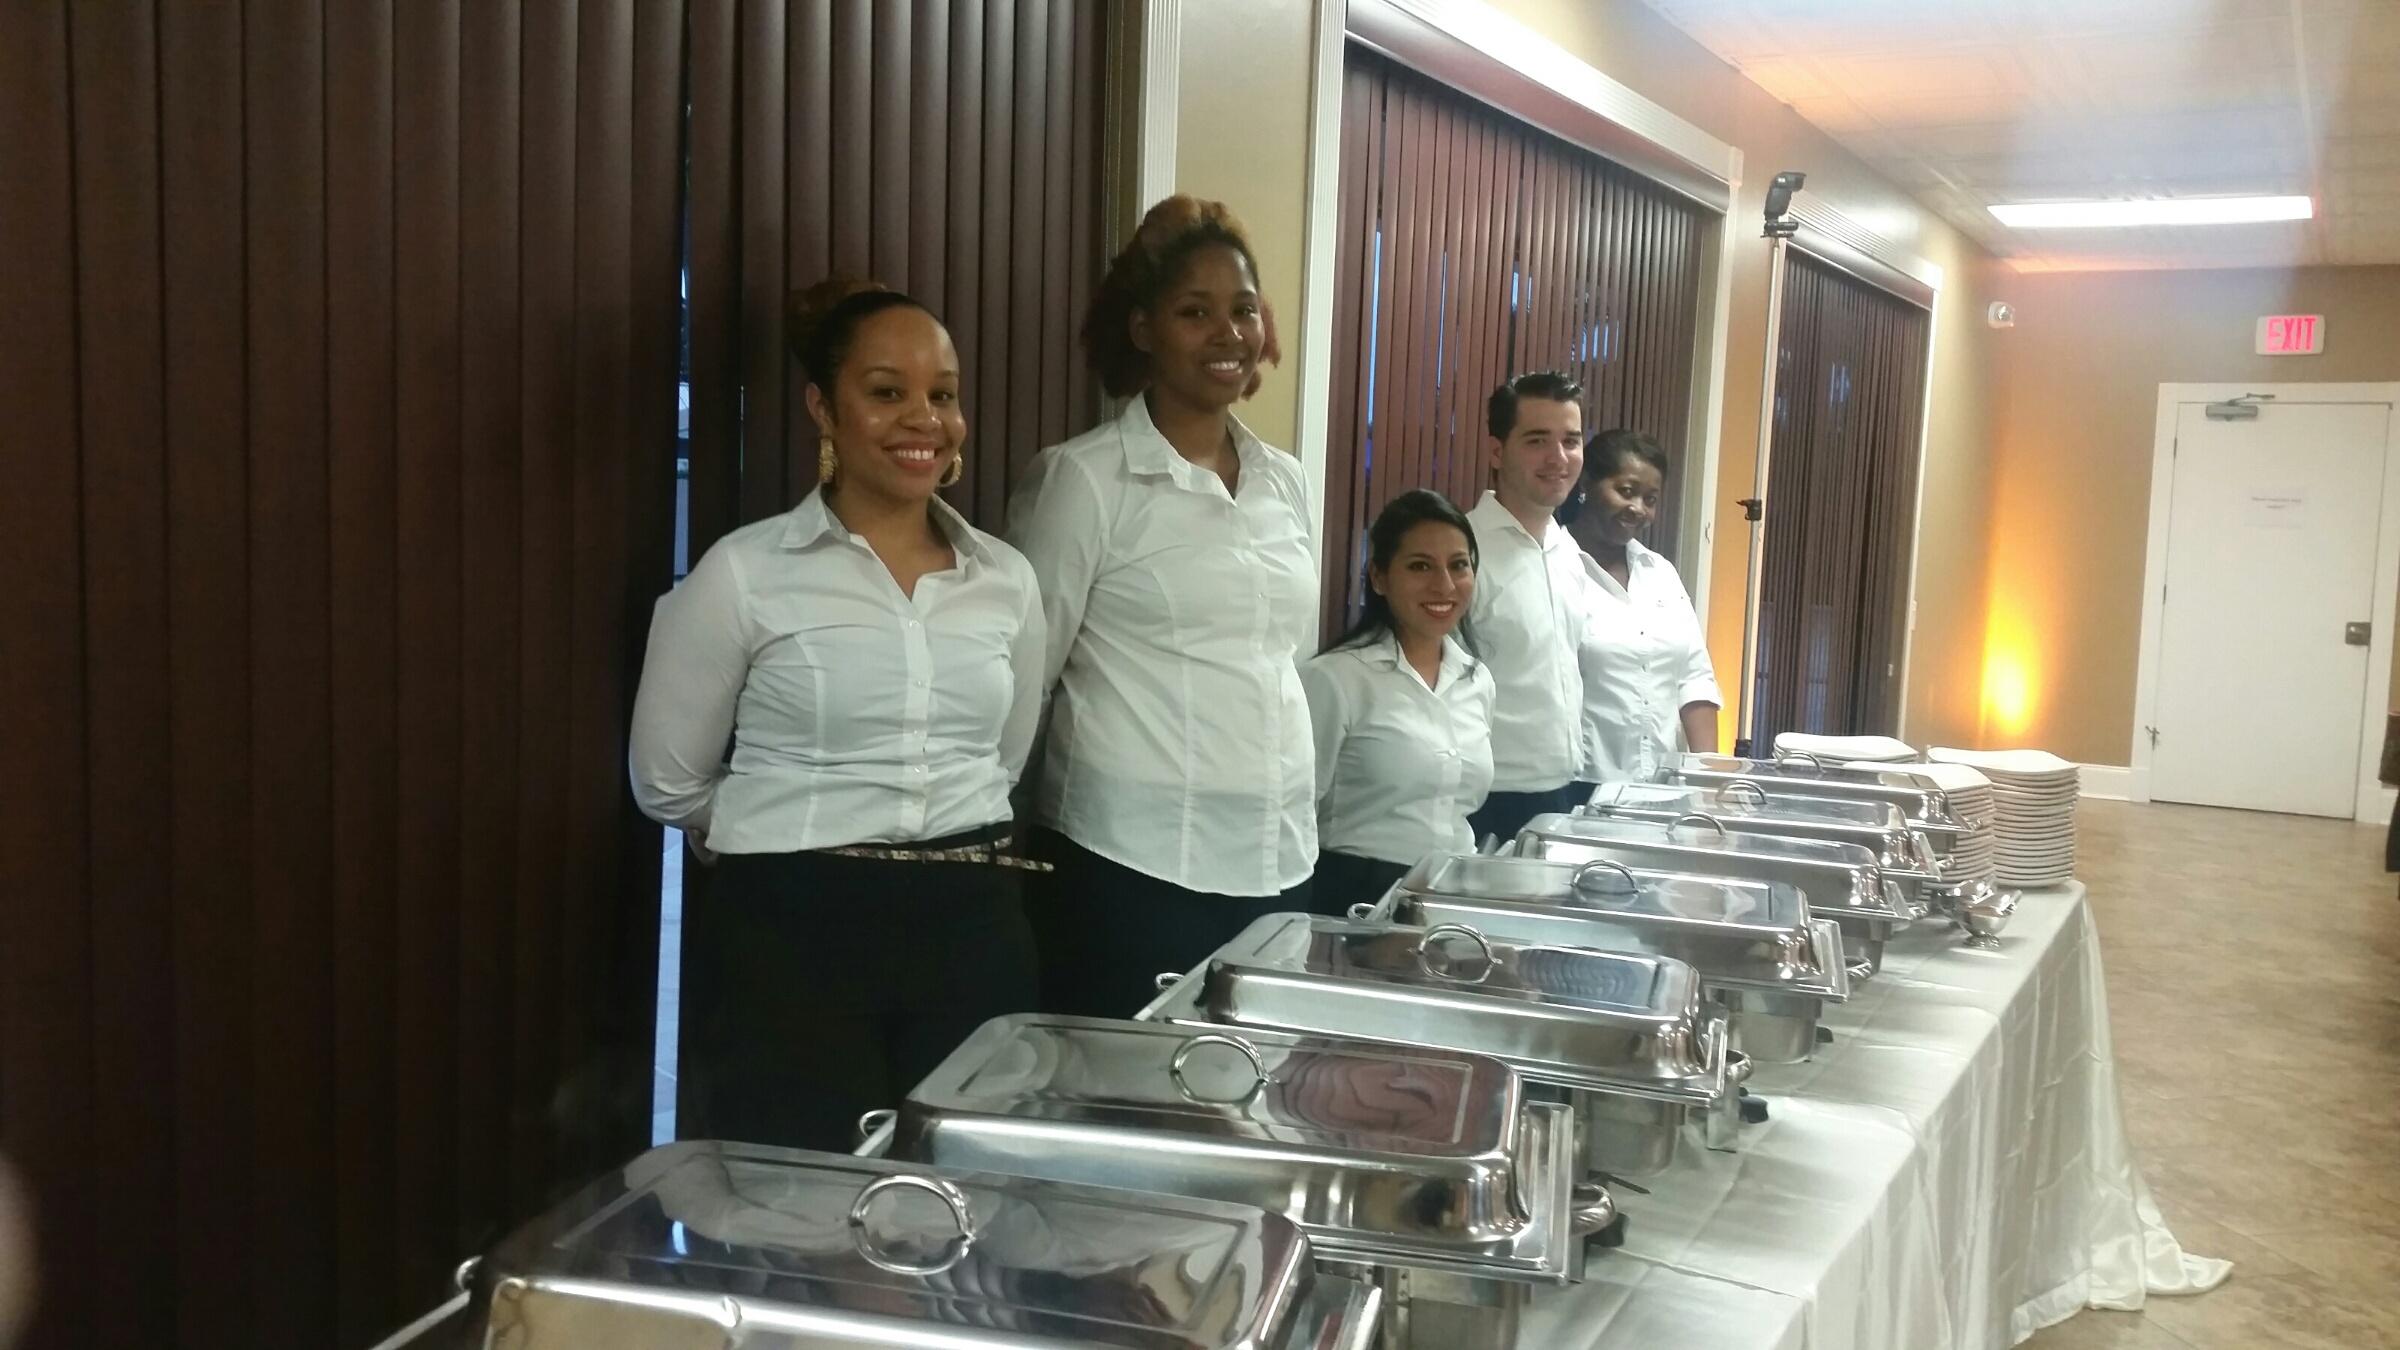 Wedding Catering Buffet Set-Up Palm Beach Gardens, FL